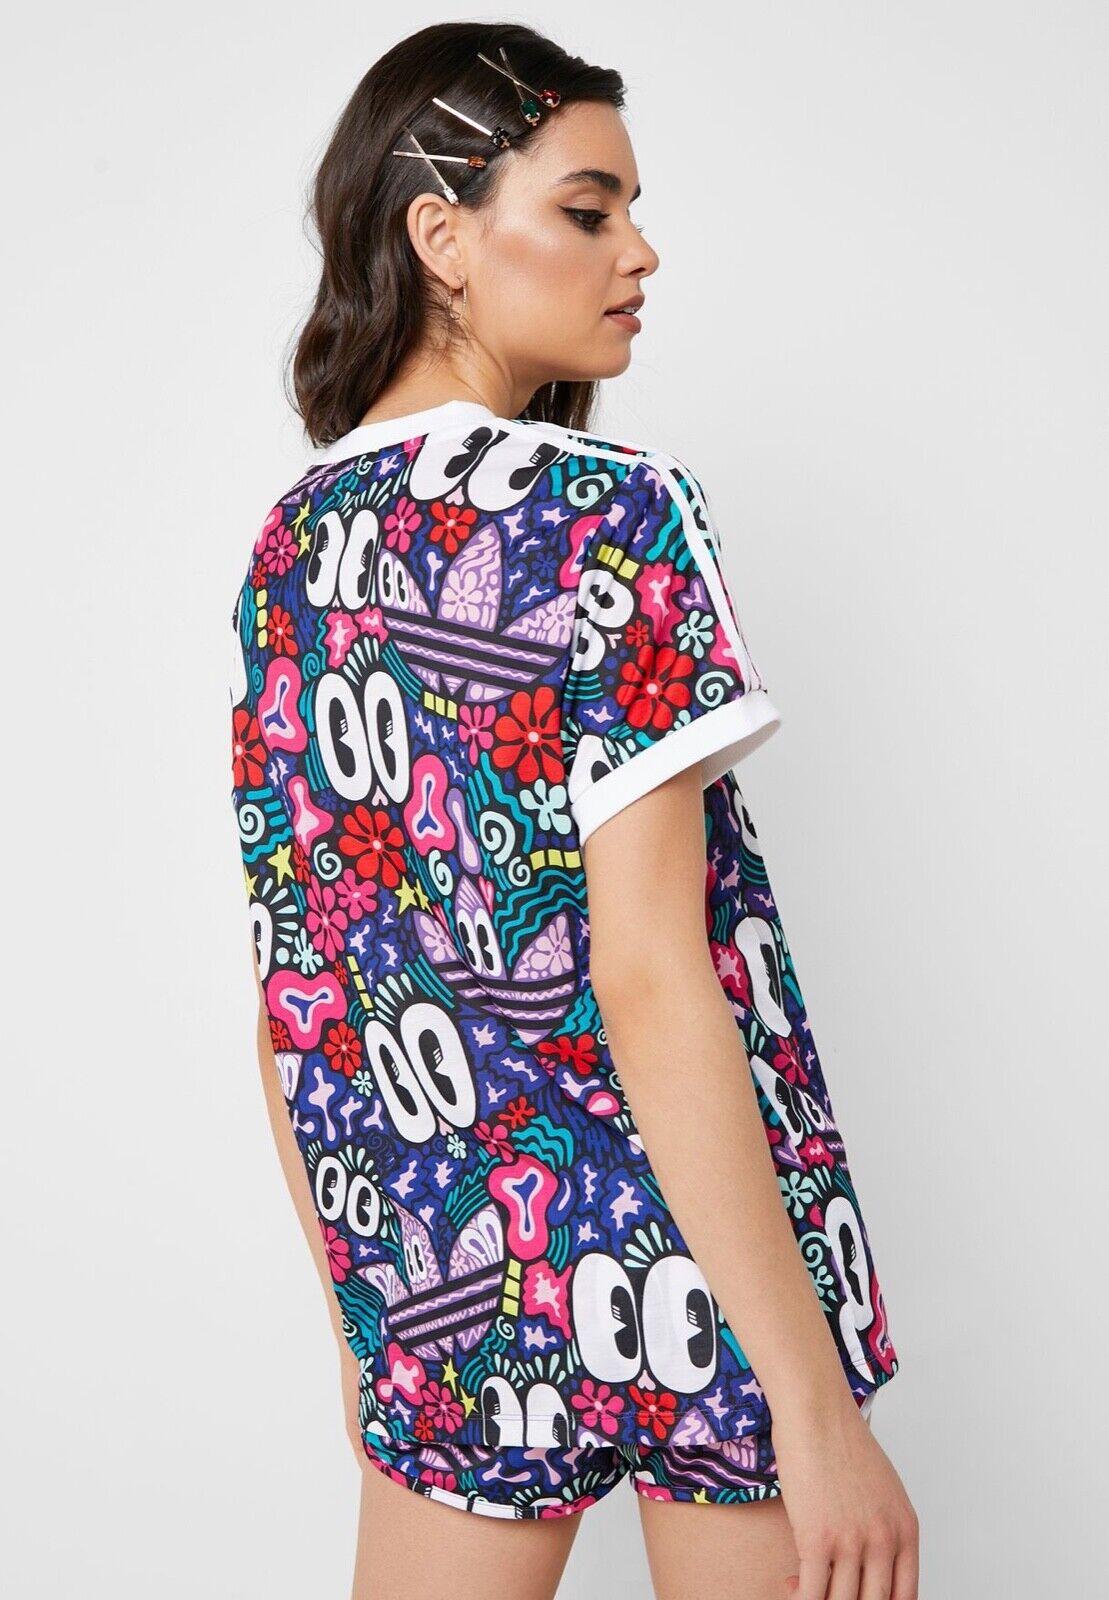 Adidas Woherren T-shirt DV2656 Hattie Stewart Summer Eyes 3-Stripes Tee 2019 Farm